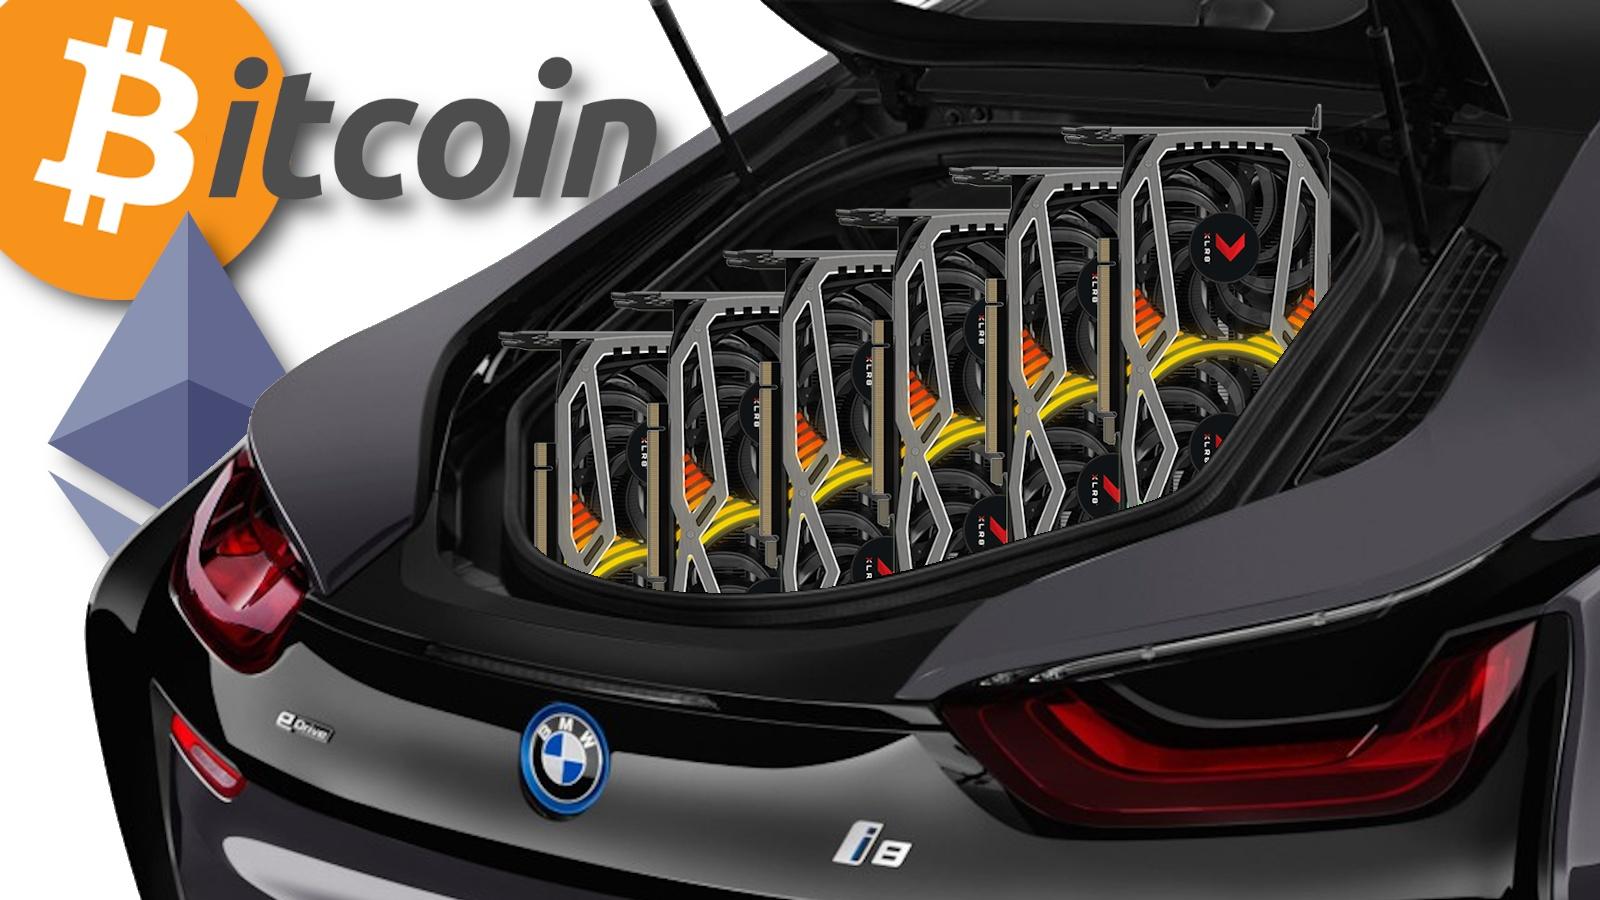 Sechs RTX 3080 im BMW verbaut – Mining-Irrsinn auf die Spitze getrieben